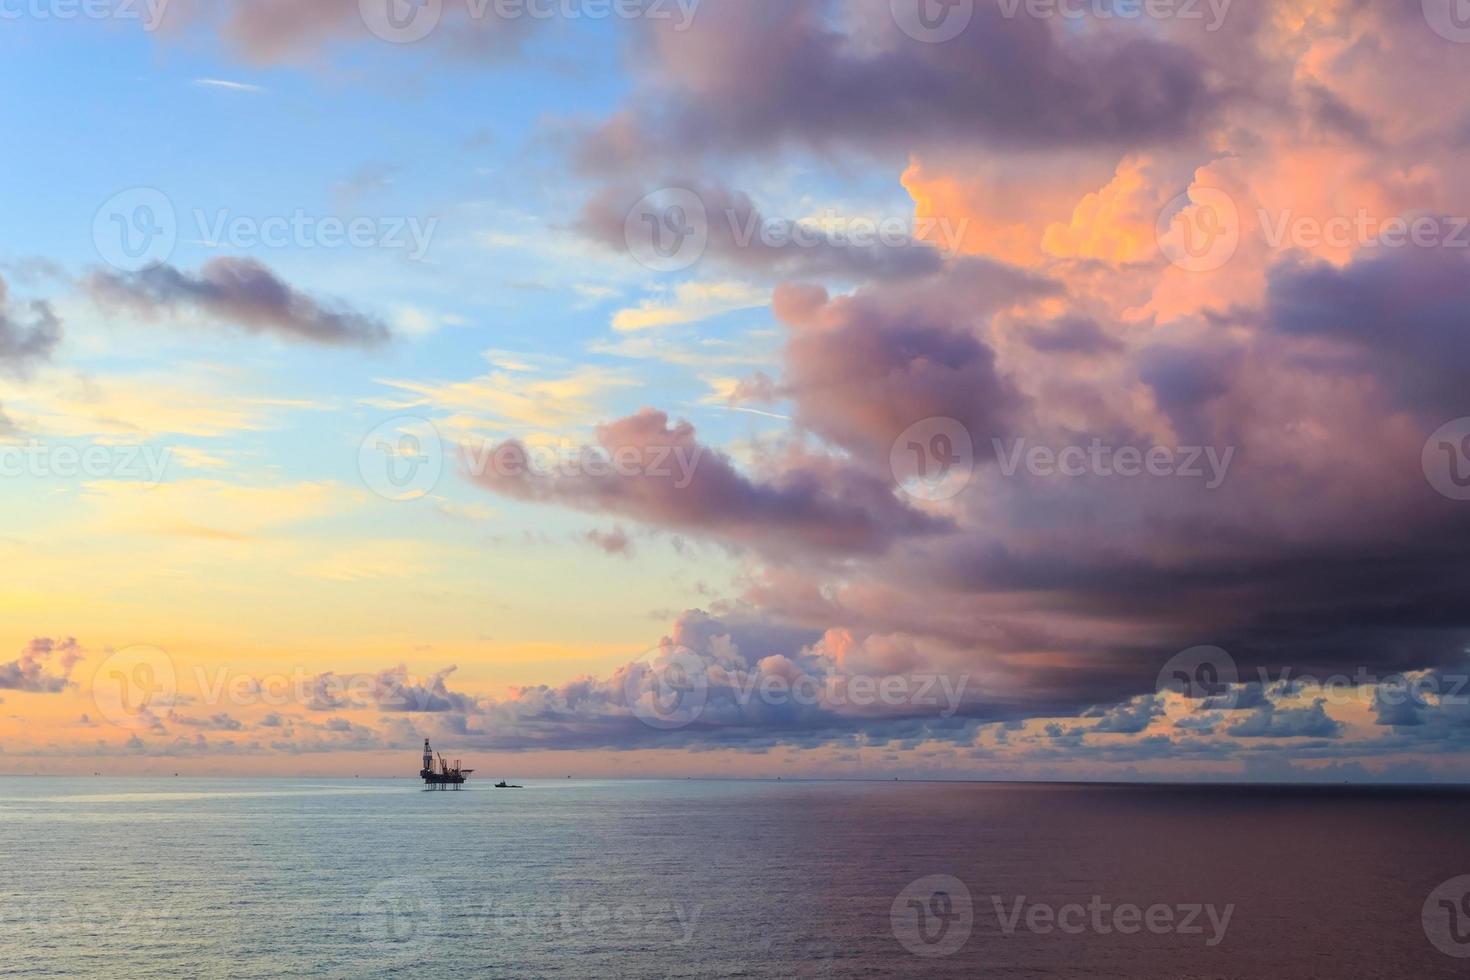 plataforma de perforación en alta mar en el medio del océano foto